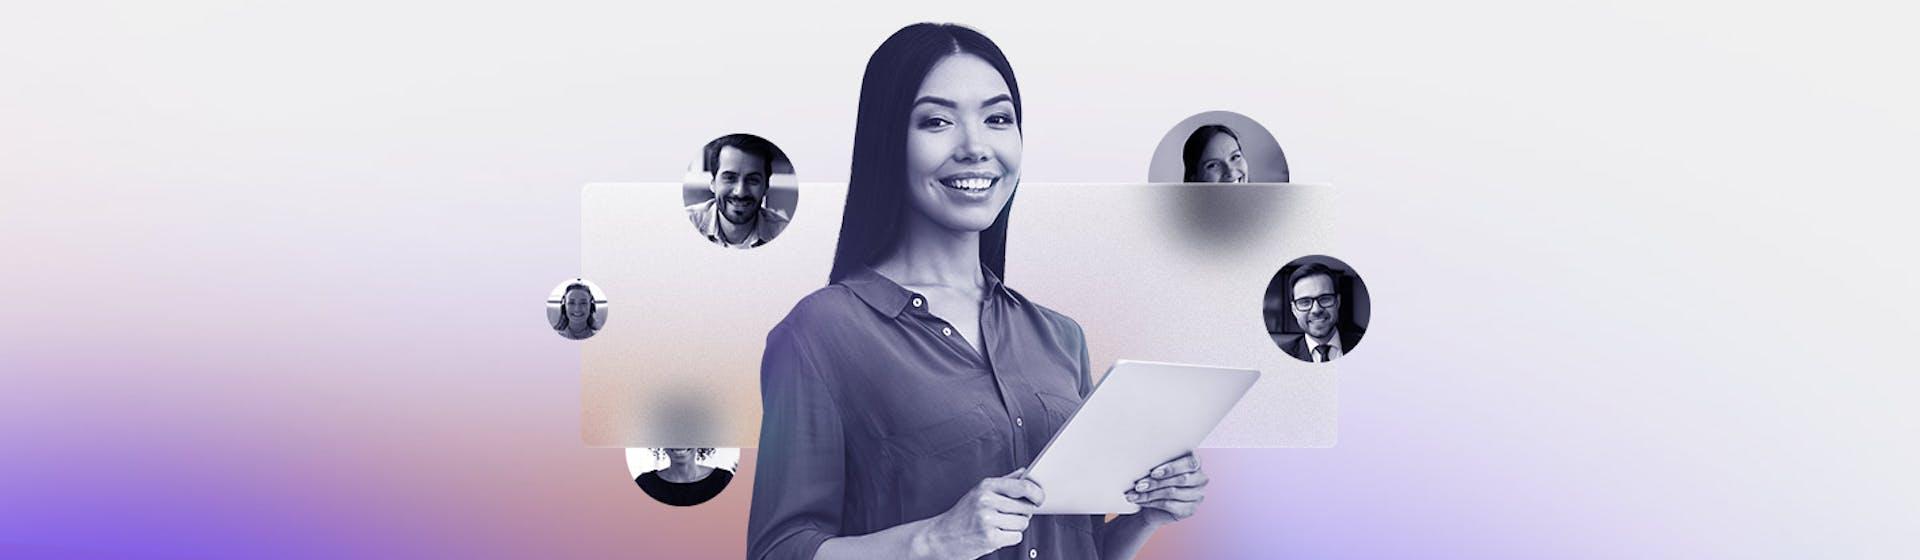 10 tips infalibles para gestionar empleados remotos